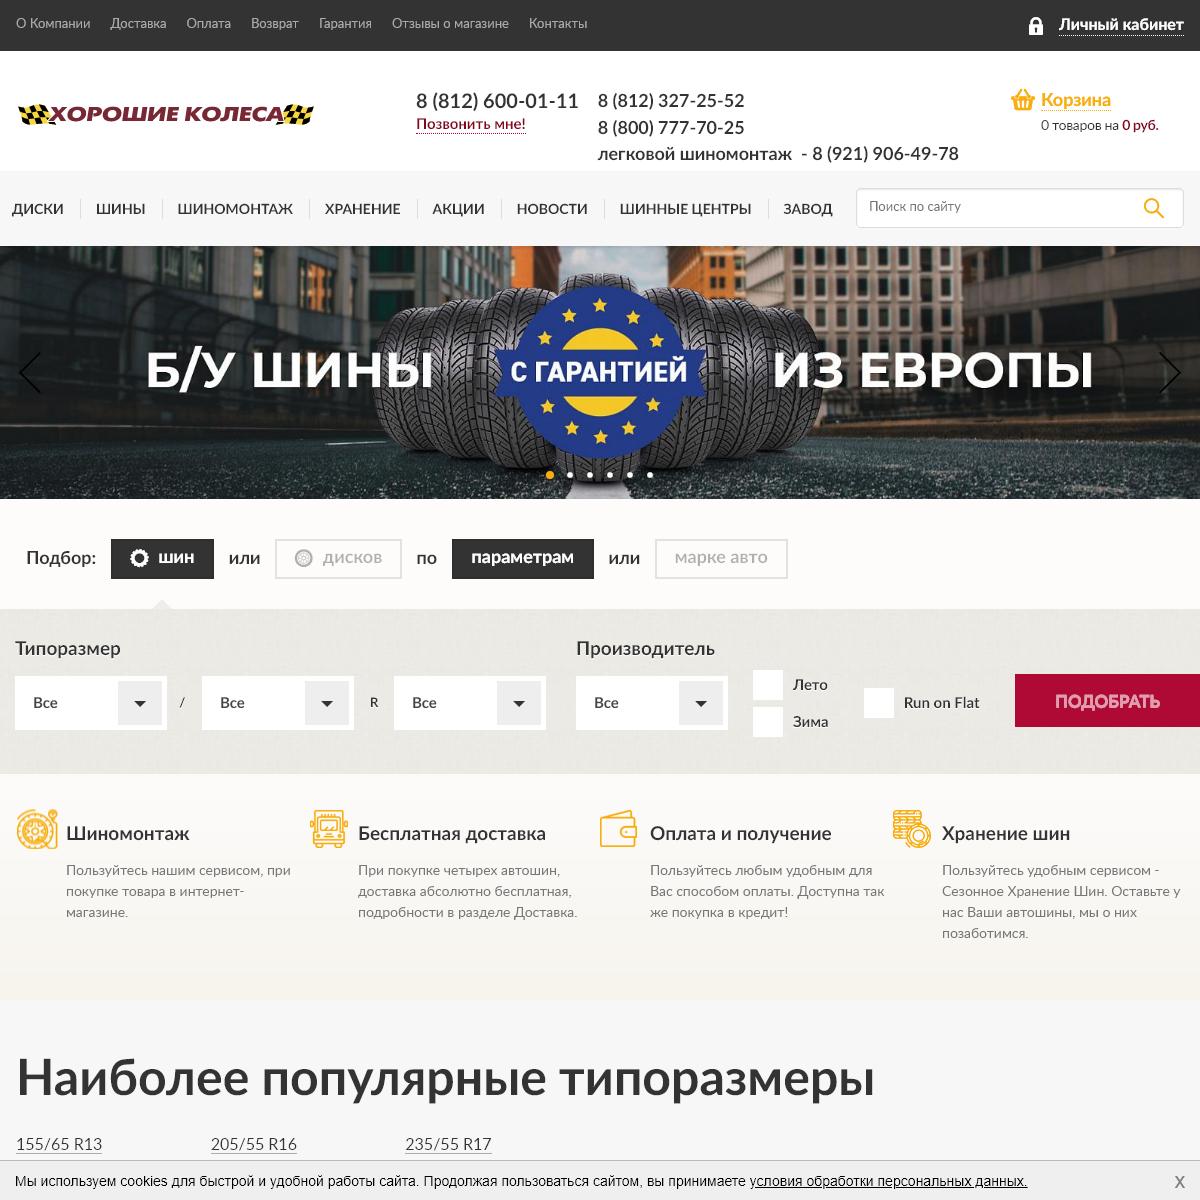 Подбор шин и дисков в Санкт-Петербурге - интернет-магазин -Хорошие Кол�